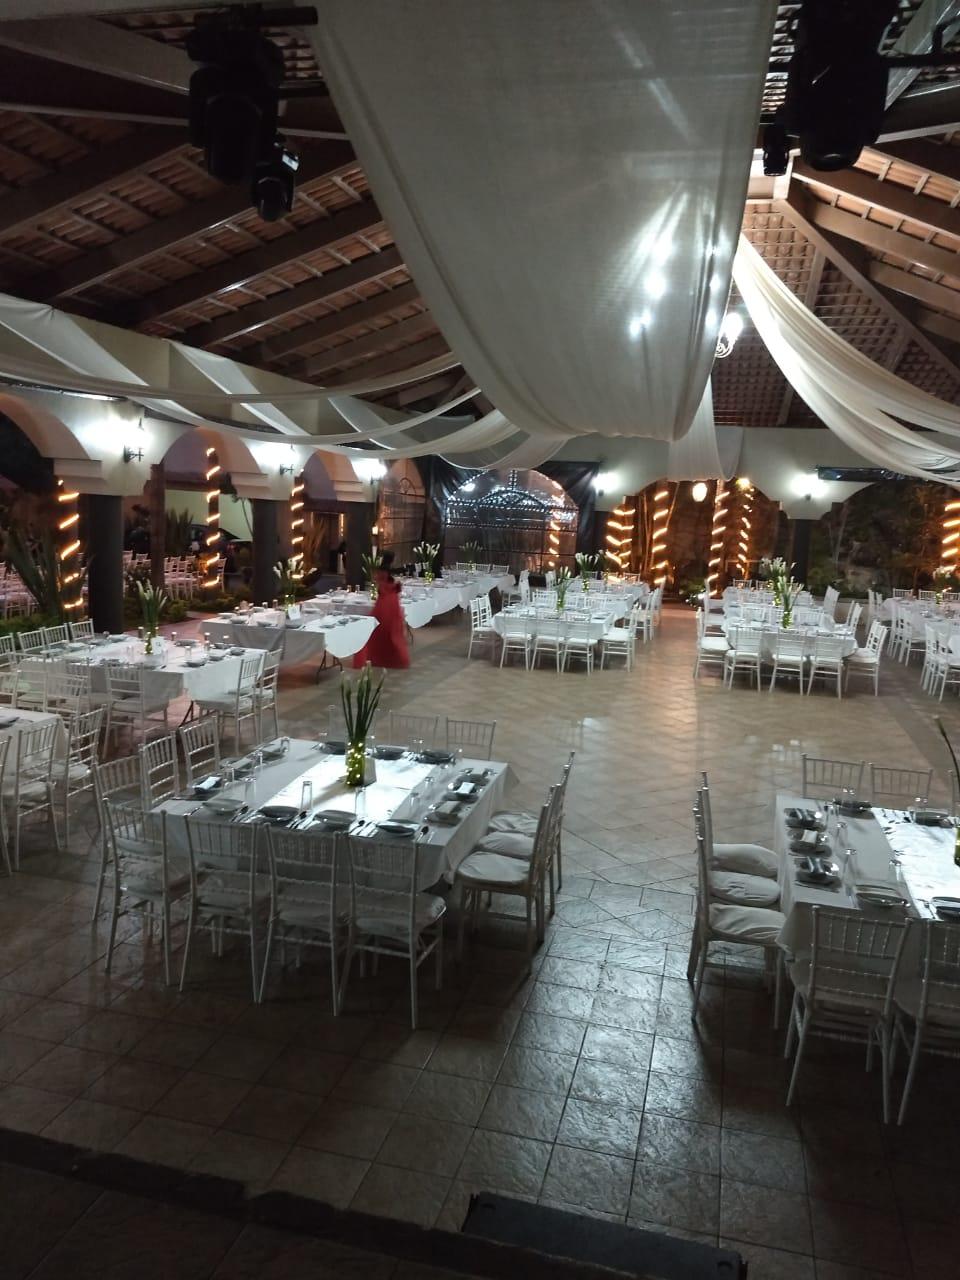 Imagen 4 del espacio Quinta San Javier en Guadalajara, México